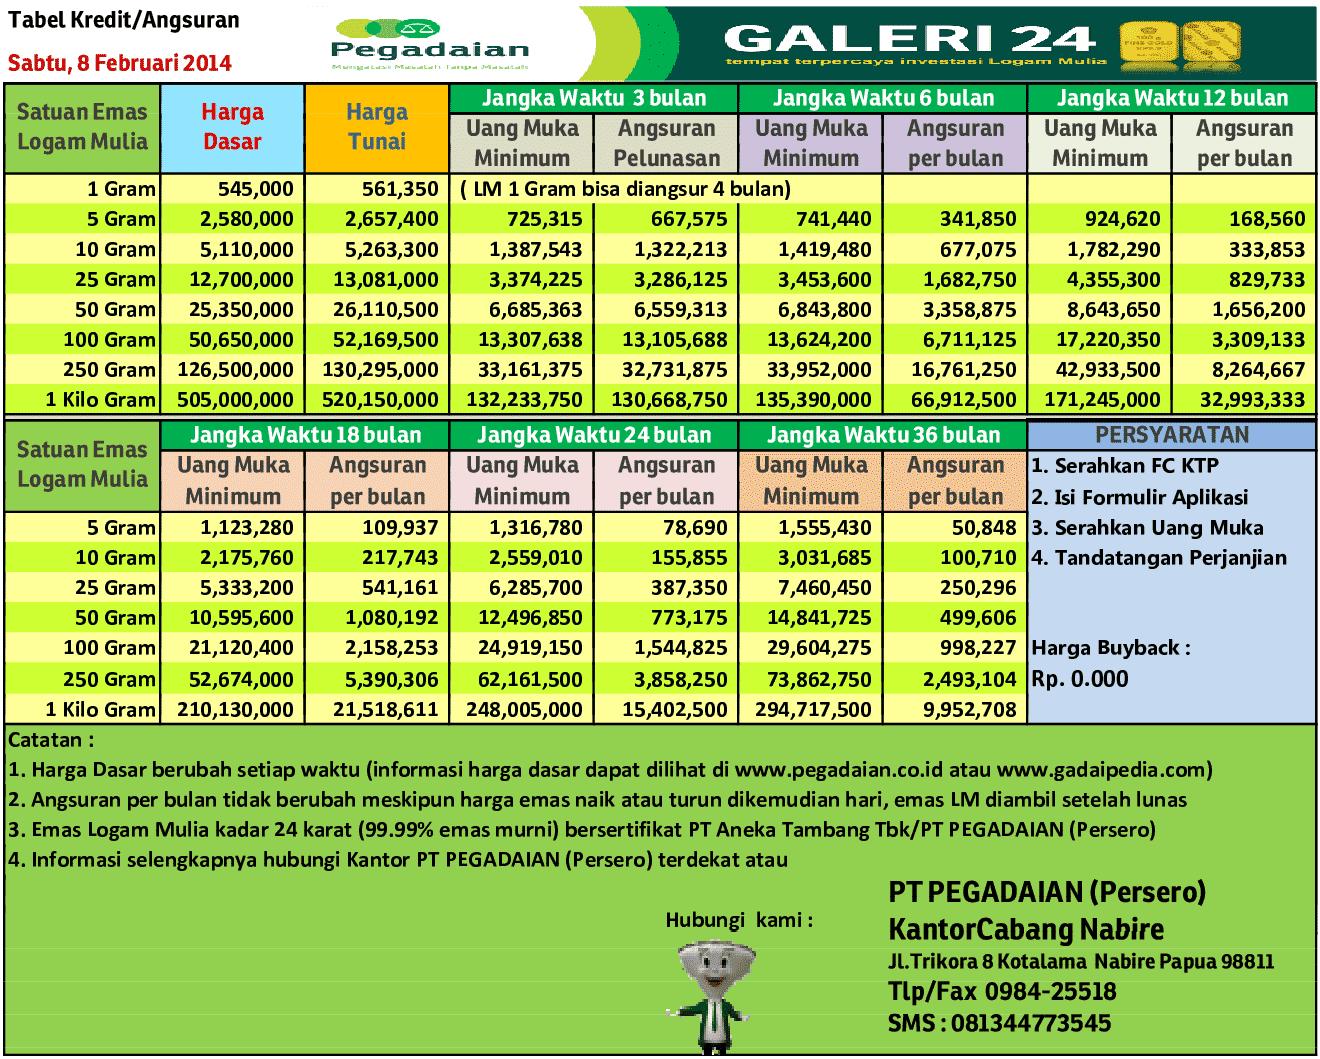 harga emas dan tabel kredit emas pegadaian 8, 9 februari 2014